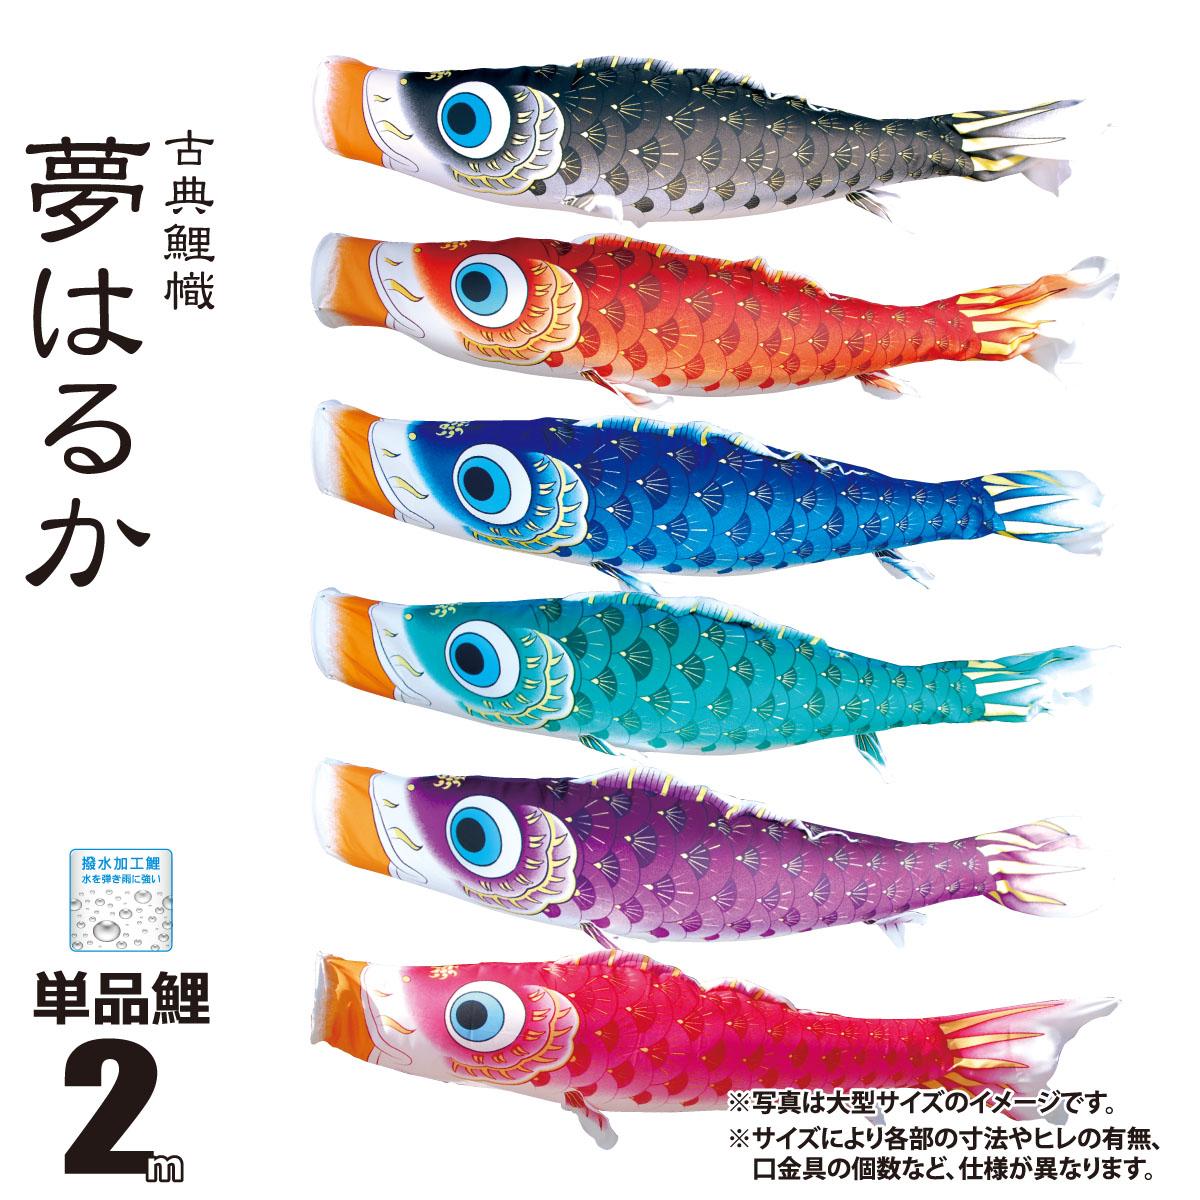 【予約】 鯉のぼり 単品 一匹単位夢はるか 単品鯉のぼり 2m 一匹単位夢はるか 口金具付きカラー:黒鯉/赤鯉 単品/青鯉/緑鯉 鯉のぼり/紫鯉/ピンク鯉ポリエステルメロンアムンゼン生地 撥水(はっ水)加工徳永鯉のぼり こいのぼり KOI-TPK-001-638 送料無料, プレミアムグラス:219d4266 --- kventurepartners.sakura.ne.jp